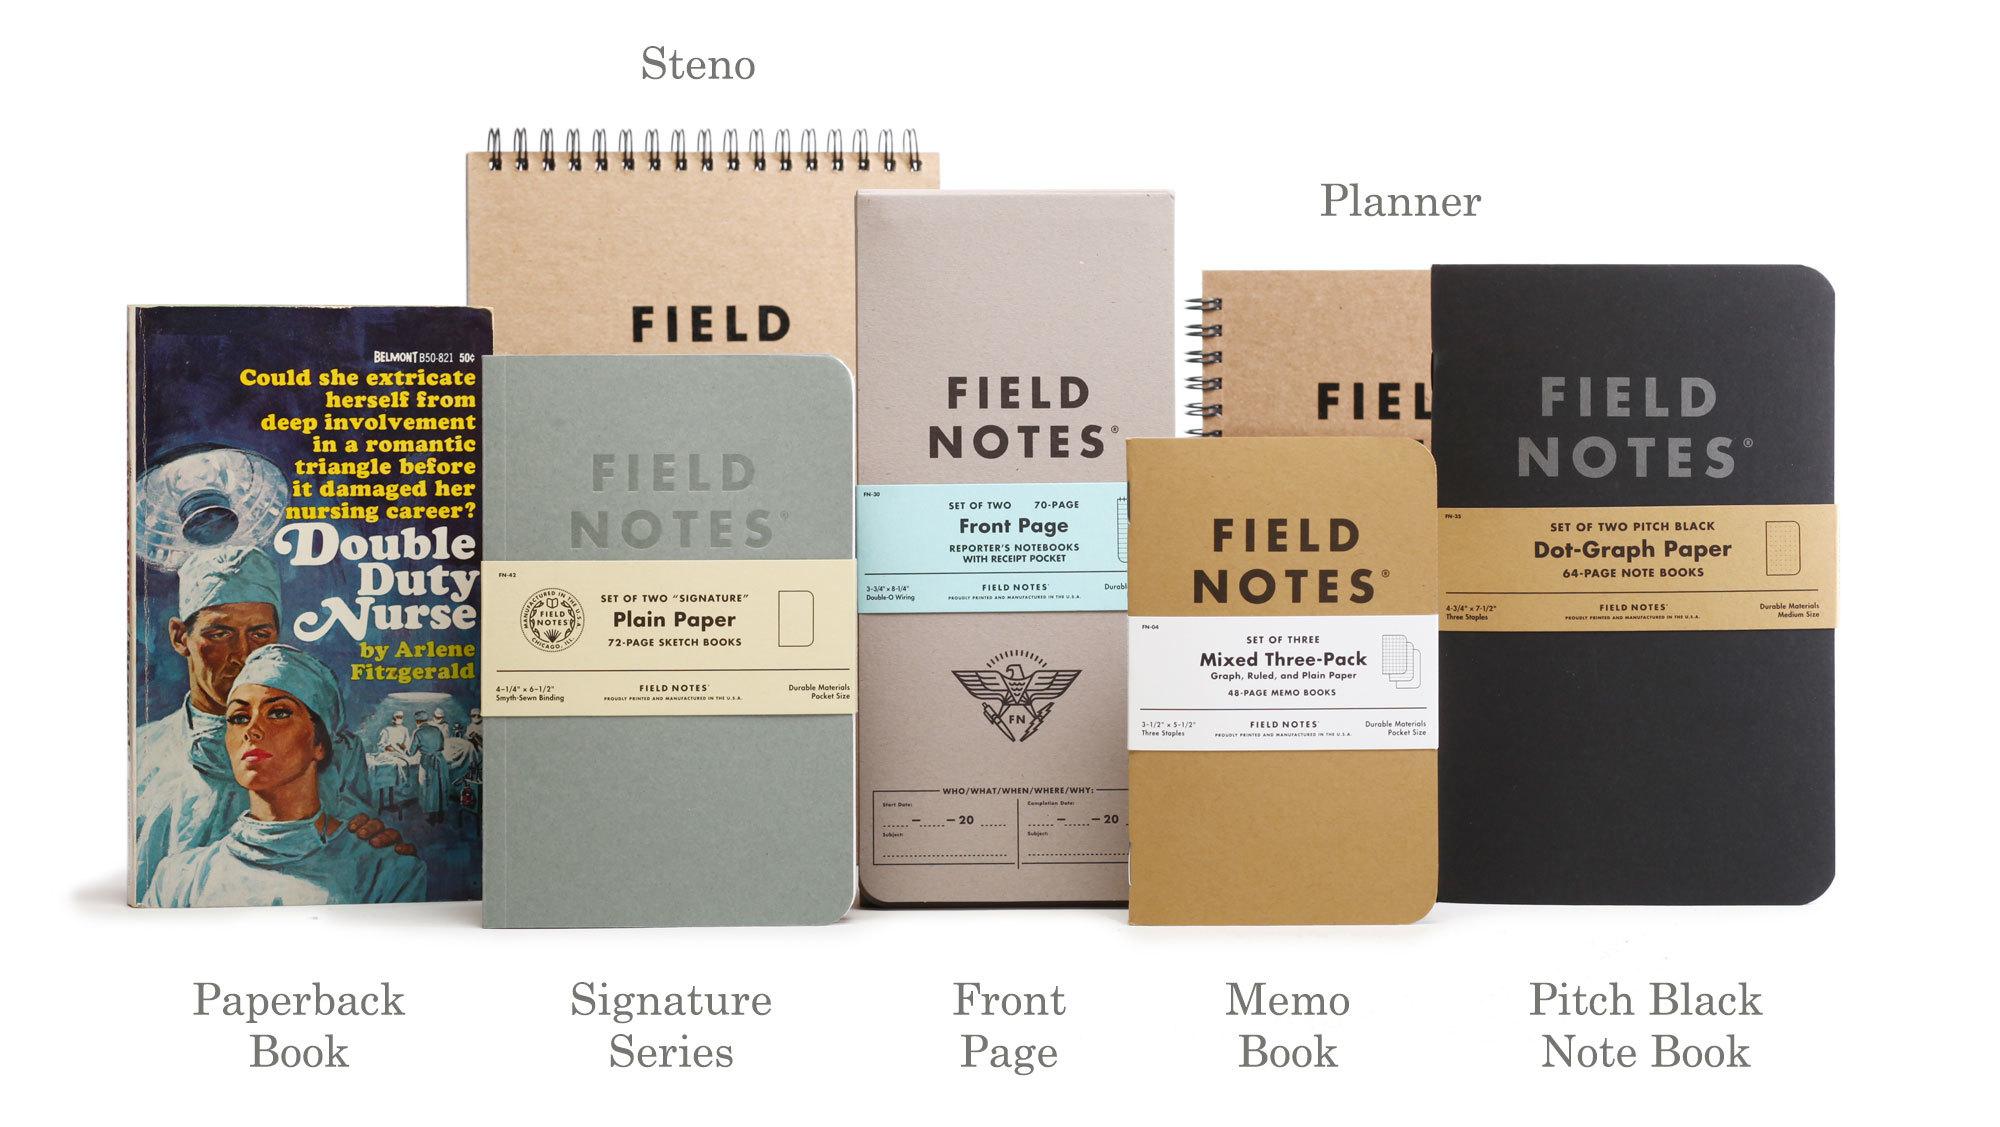 Field-Notes-porownanie-rozmiarow.jpg